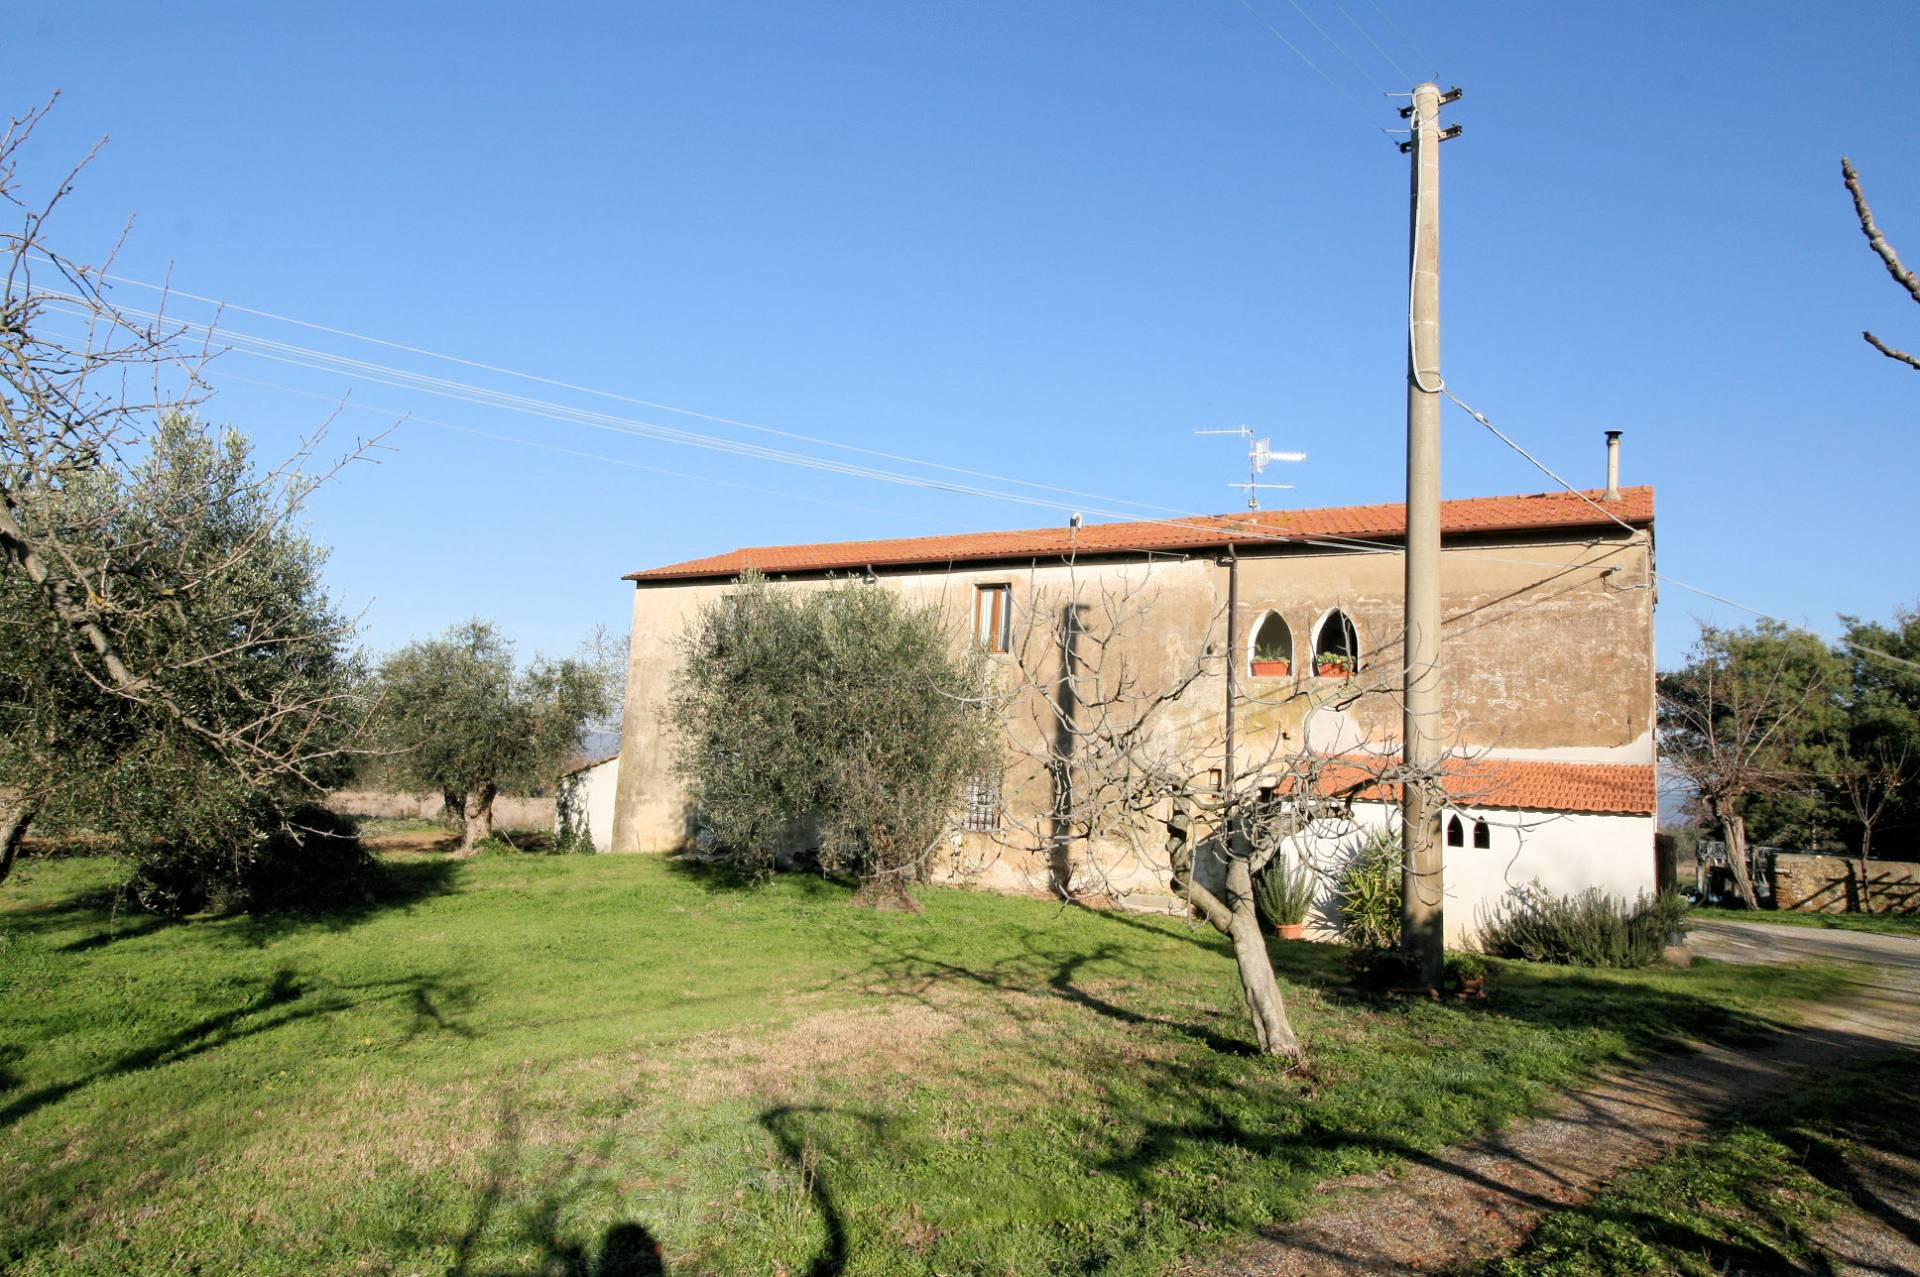 1132-Podere in Maremma-Scarlino-1 Agenzia Immobiliare ASIP